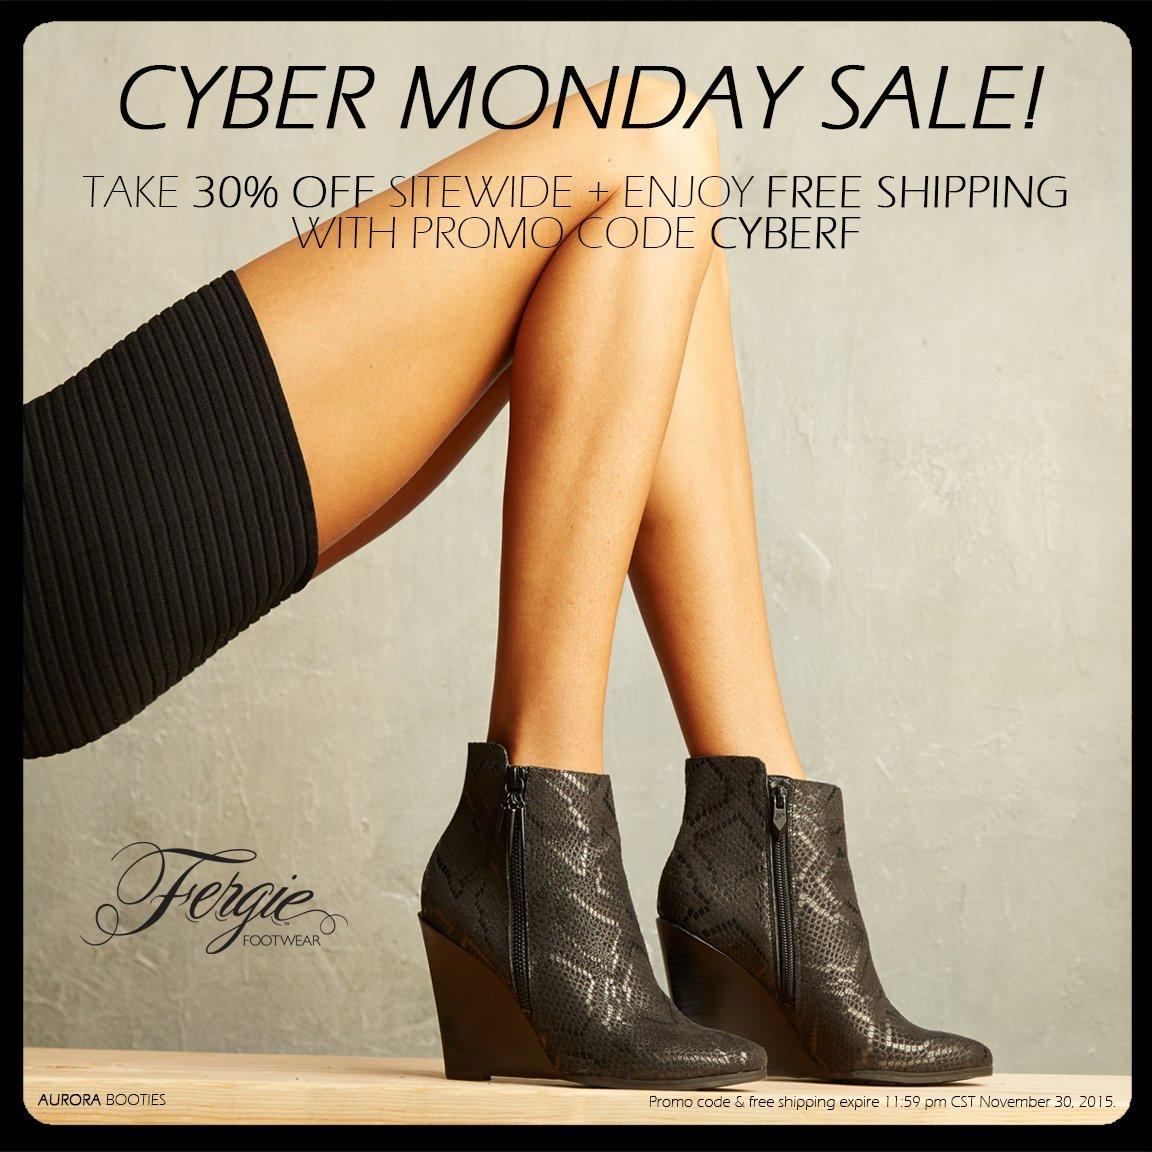 RT @FergieFootwear: #CyberMonday ONLY enjoy 30%OFF @Fergie #shoes + #FREEshipping w/ #promocode CYBERF.#shoesale https://t.co/YYKsJG8ljr ht…